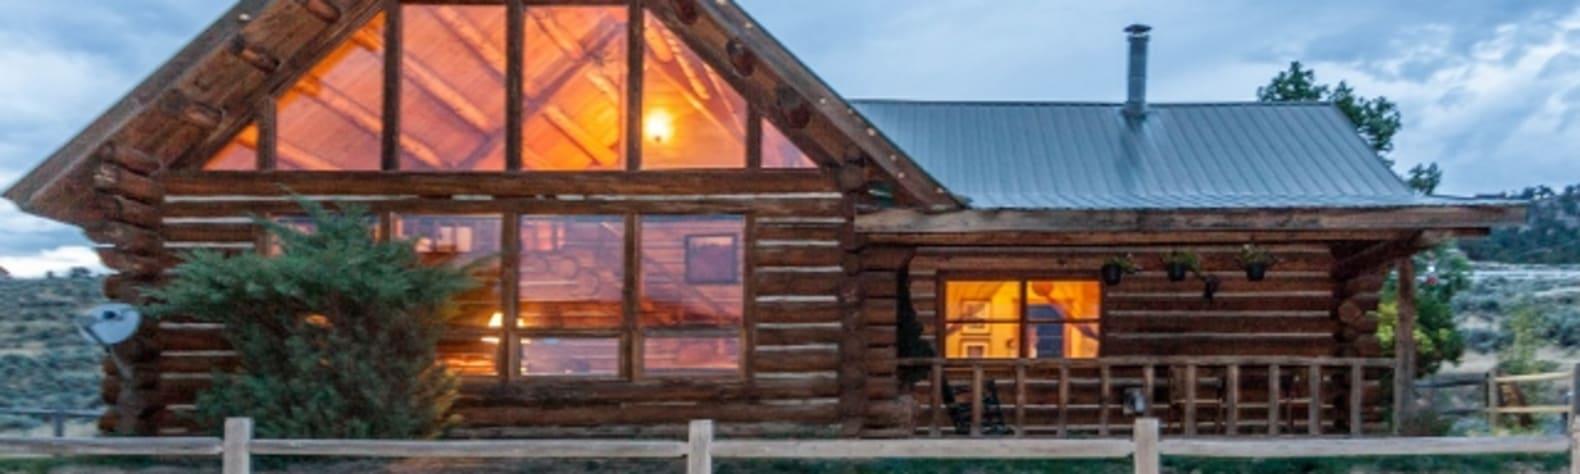 Mountain Rustic Log Home